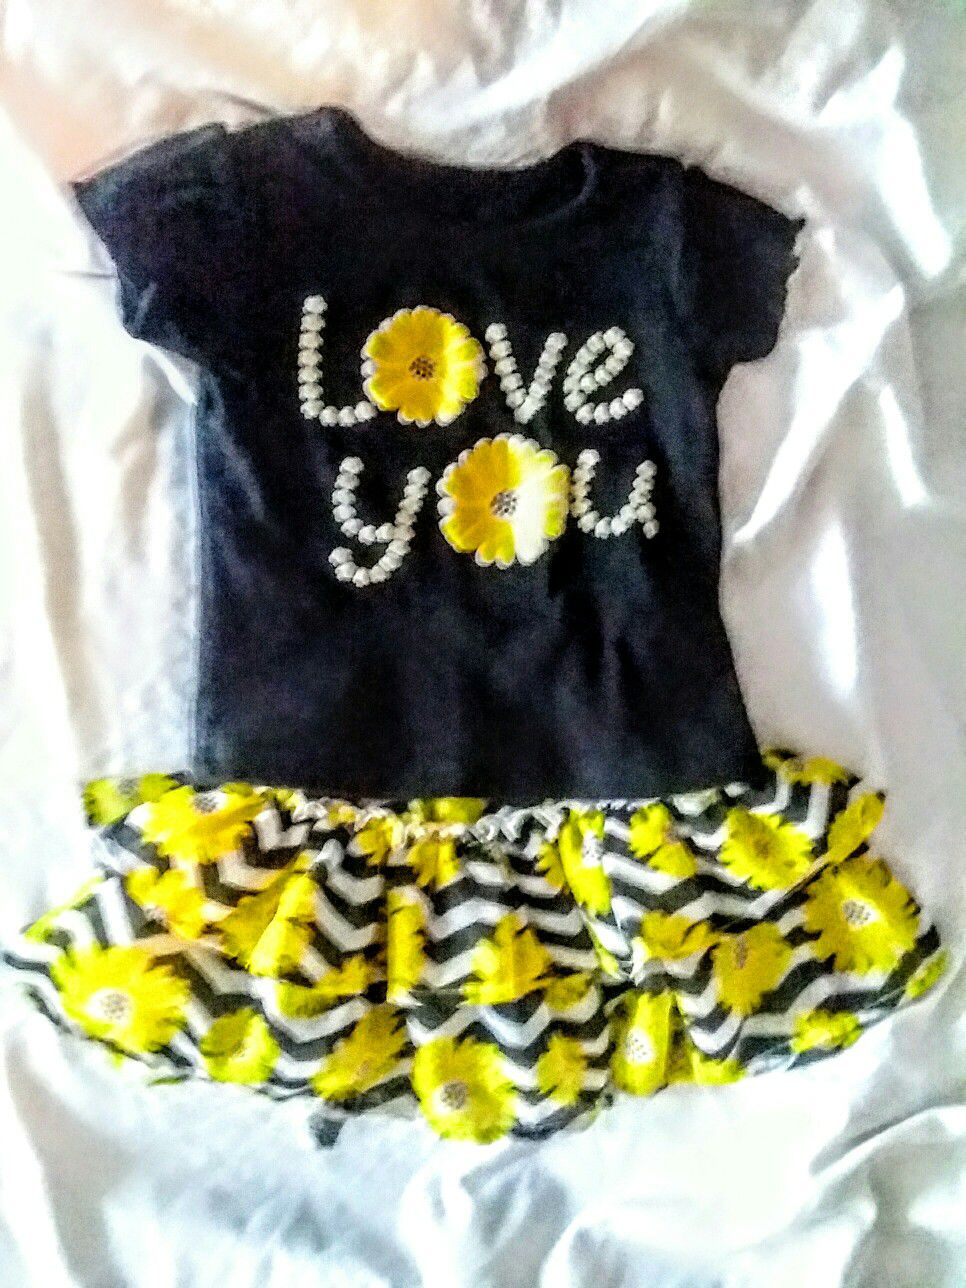 fun tee and ruffle sunflower skirt set